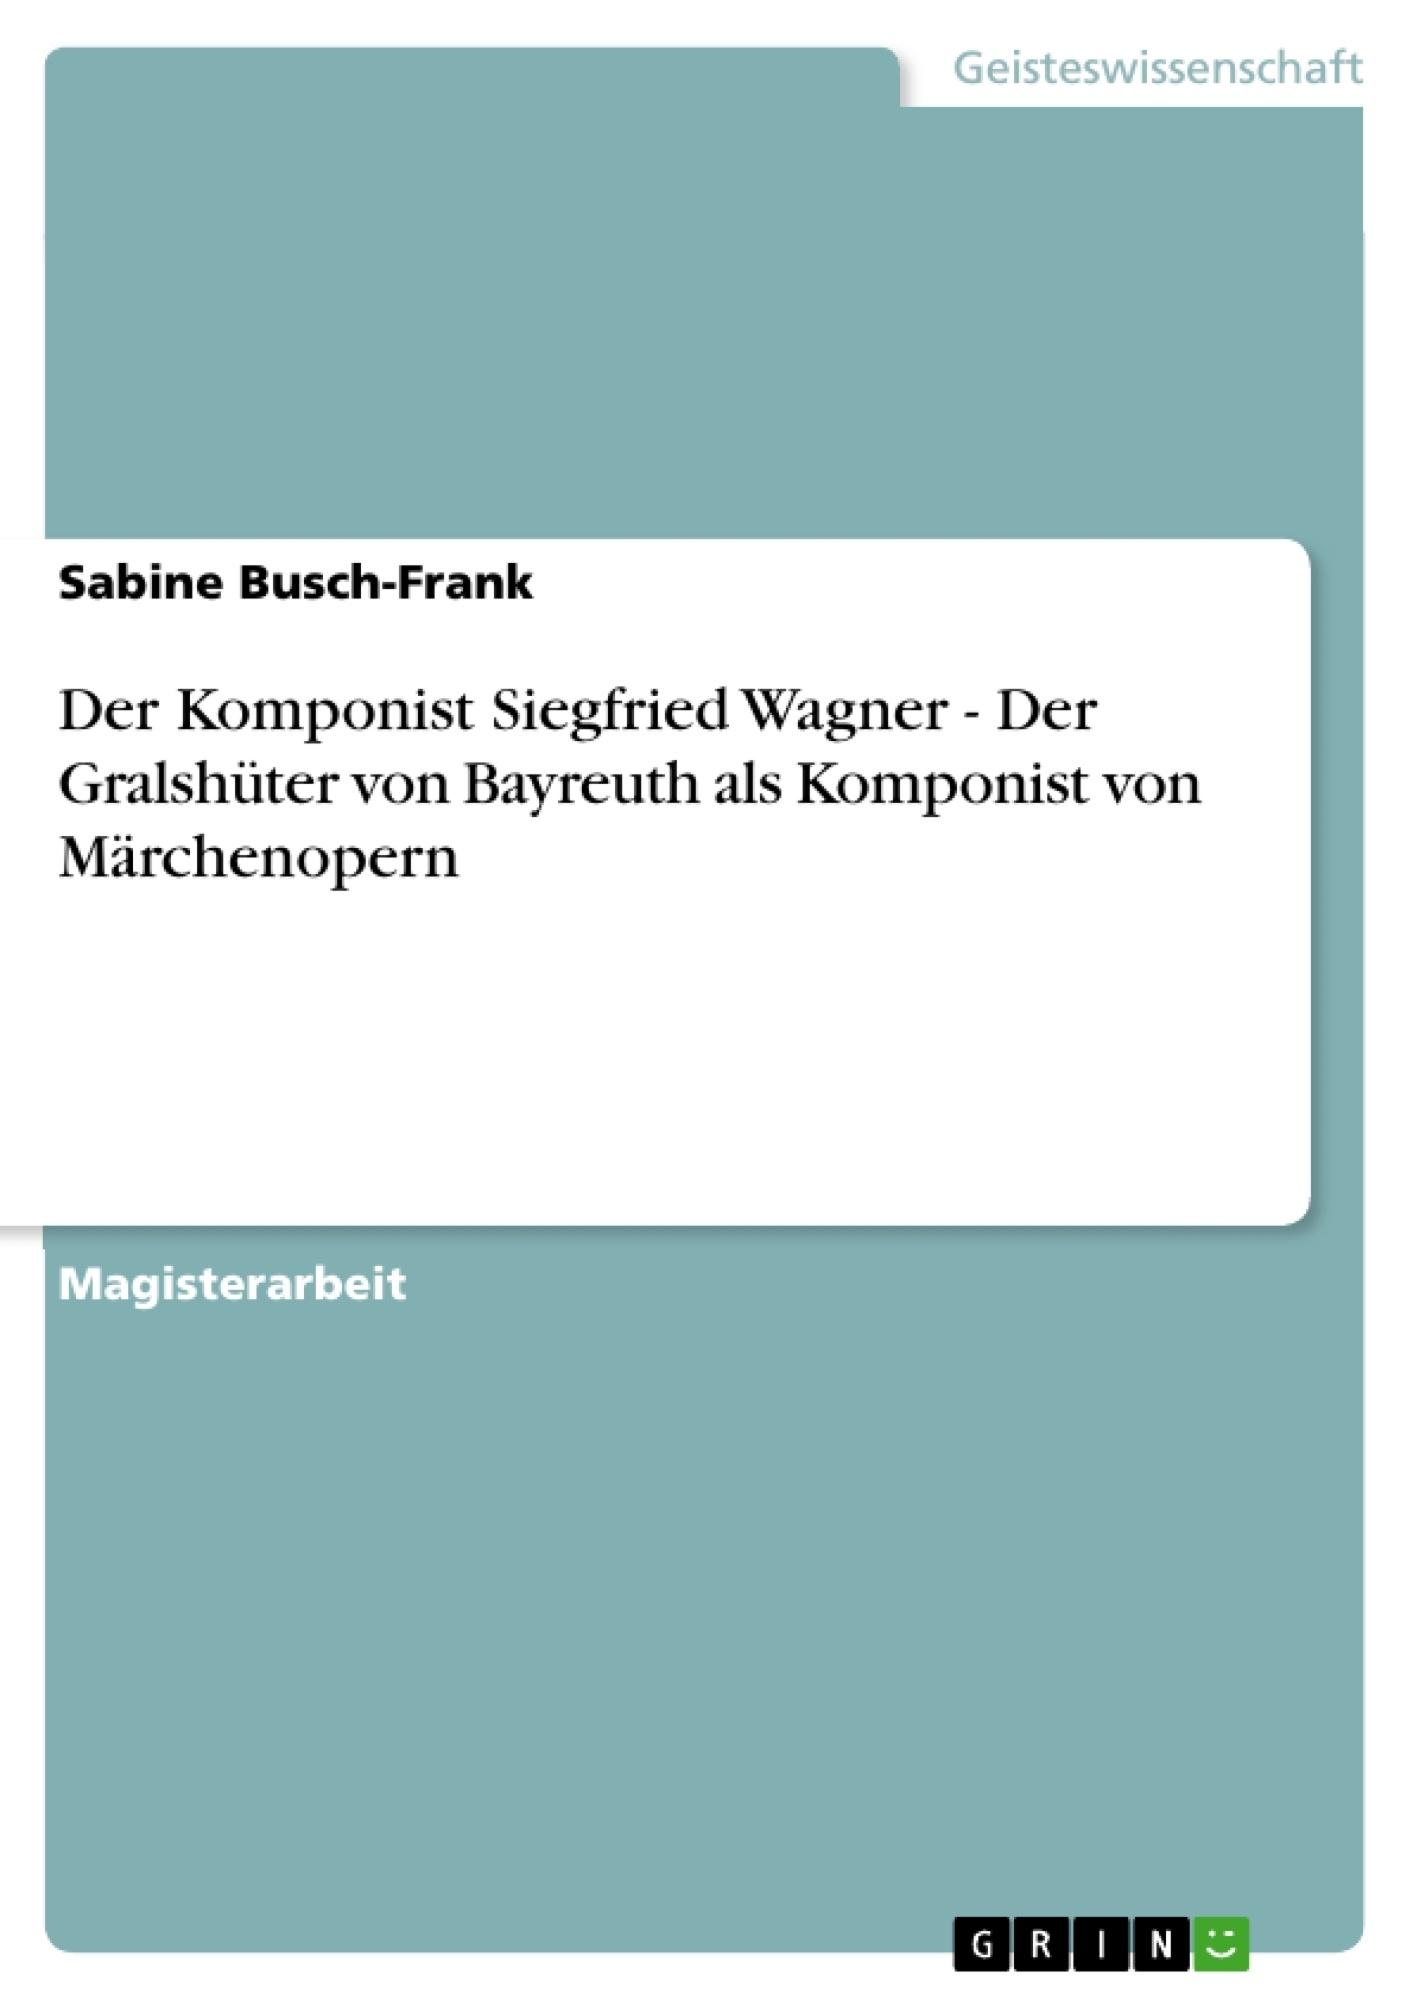 Titel: Der Komponist Siegfried Wagner - Der Gralshüter von Bayreuth als Komponist von Märchenopern